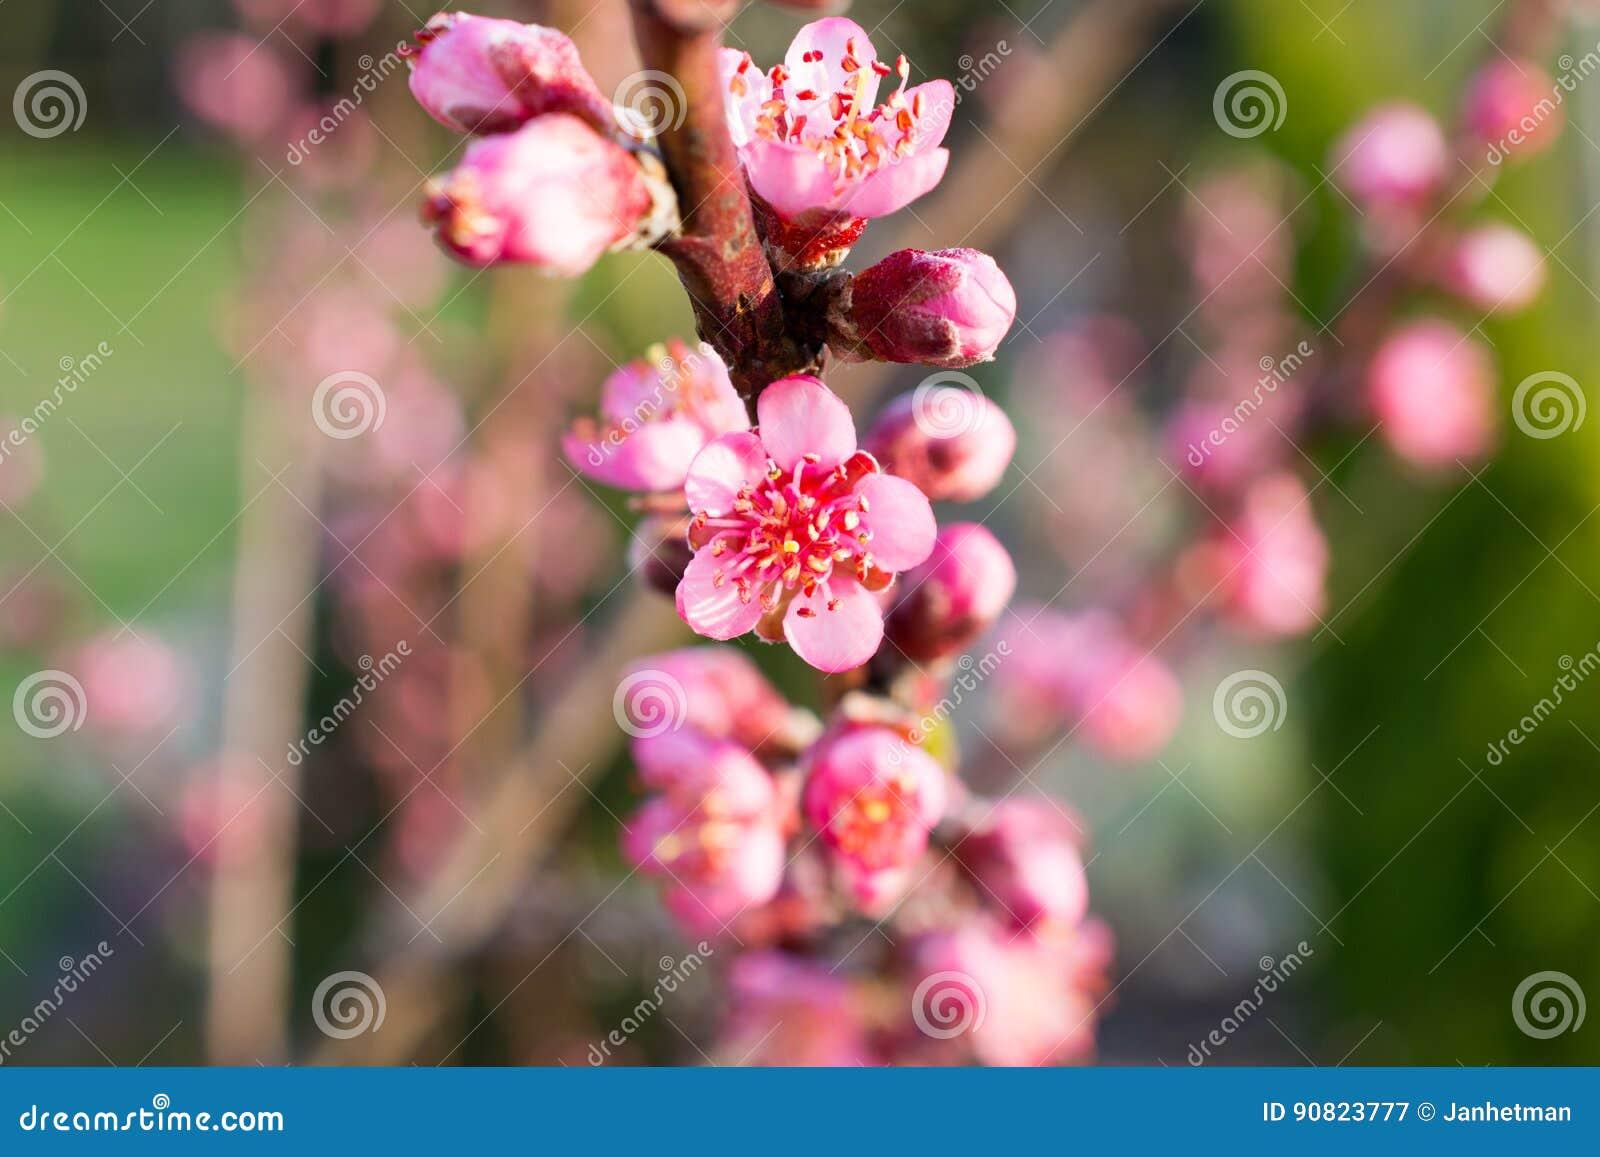 Fleurs Et Bourgeons De Pecher Image Stock Image Du Fleur Peche